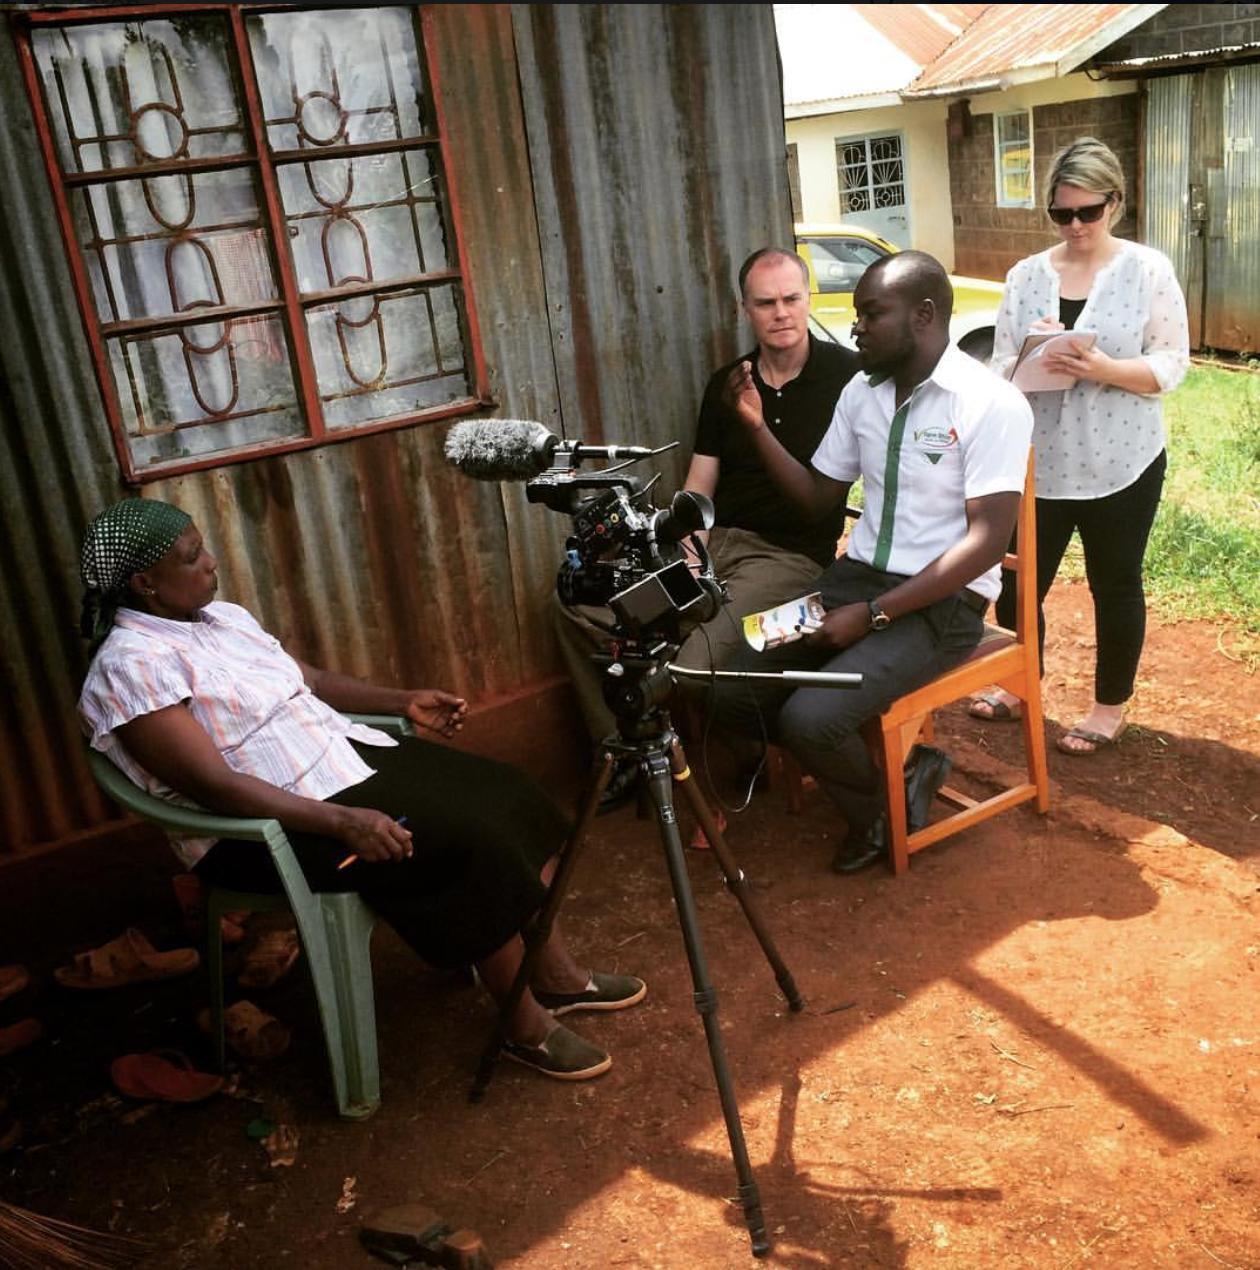 Researchers interviewing farmers in Kenya